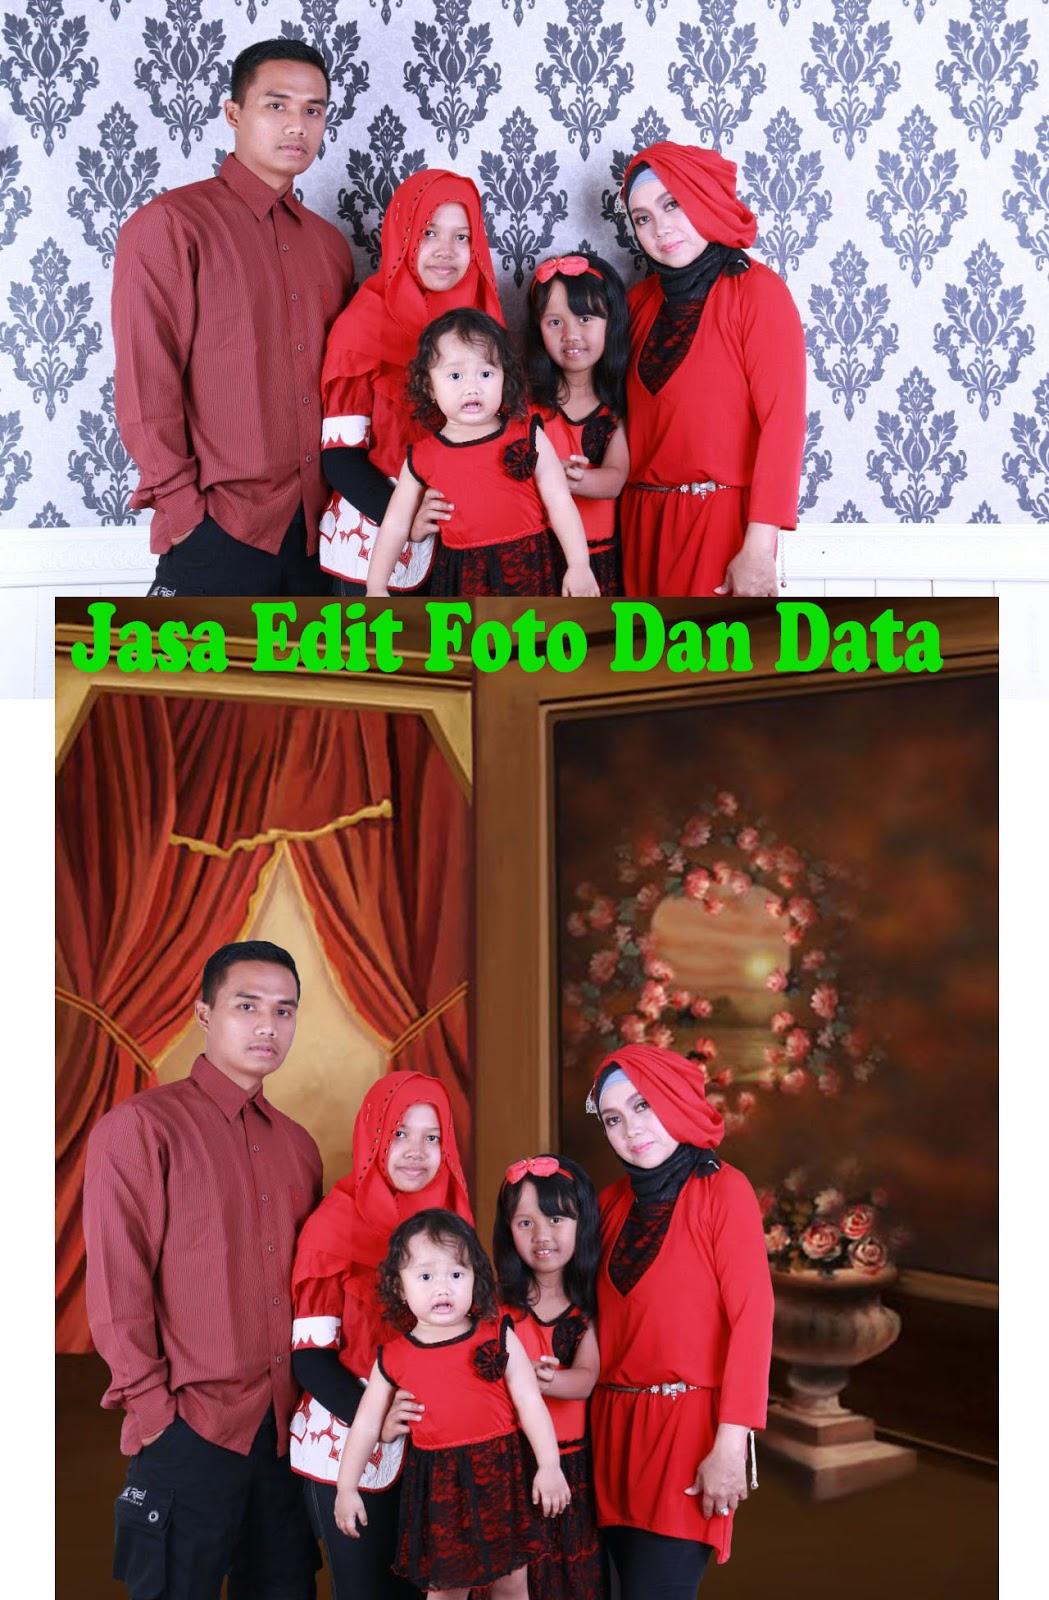 TOKO OPIK Jasa Edit Foto Dan Data: Edit Background Foto ...